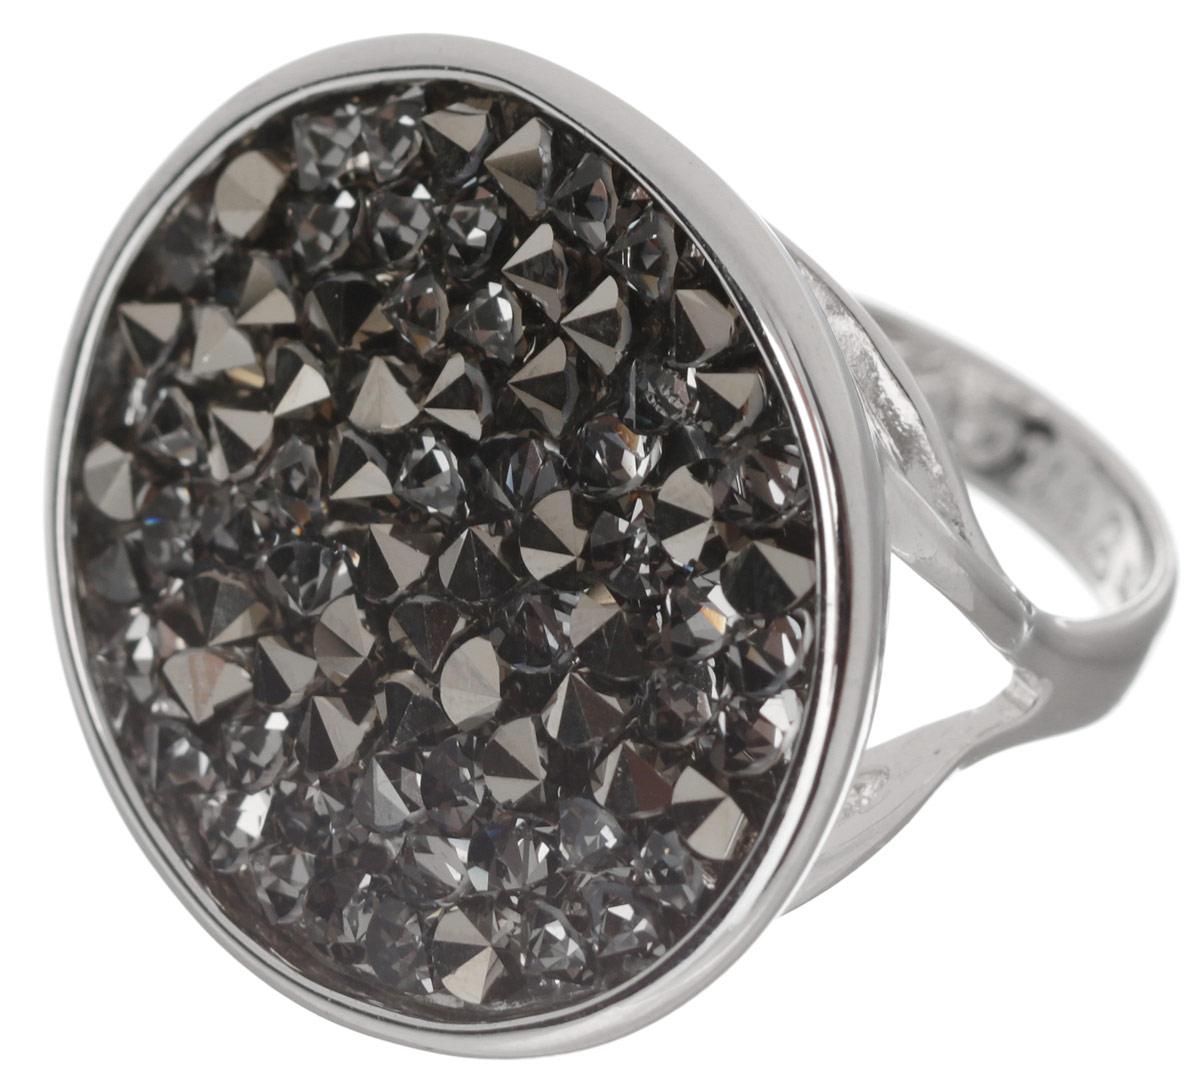 Кольцо Jenavi Карпо, цвет: серебряный, серый. j337f066. Размер 20j337f066Яркое дизайнерское кольцо Jenavi Карпо выполнено из ювелирного сплава с антиаллергическим гальваническим покрытием серебром с родированием. В кольце Карпо ярко присутствует стиль арт-деко, сохранивший в своих элементах роскошную красоту и выразительность восточного направления. Кристаллы Swarovski, наполняющие правильную окружную основу украшения, ассоциируются с великими нераскрытыми тайнами и вечной божественной силой. К тому же, изделие обладает превосходной практичностью и сочетаемостью, несмотря на свою яркую центральную часть. Изысканное решение и оригинальный дизайн этого кольца не позволят вам остаться незамеченными!